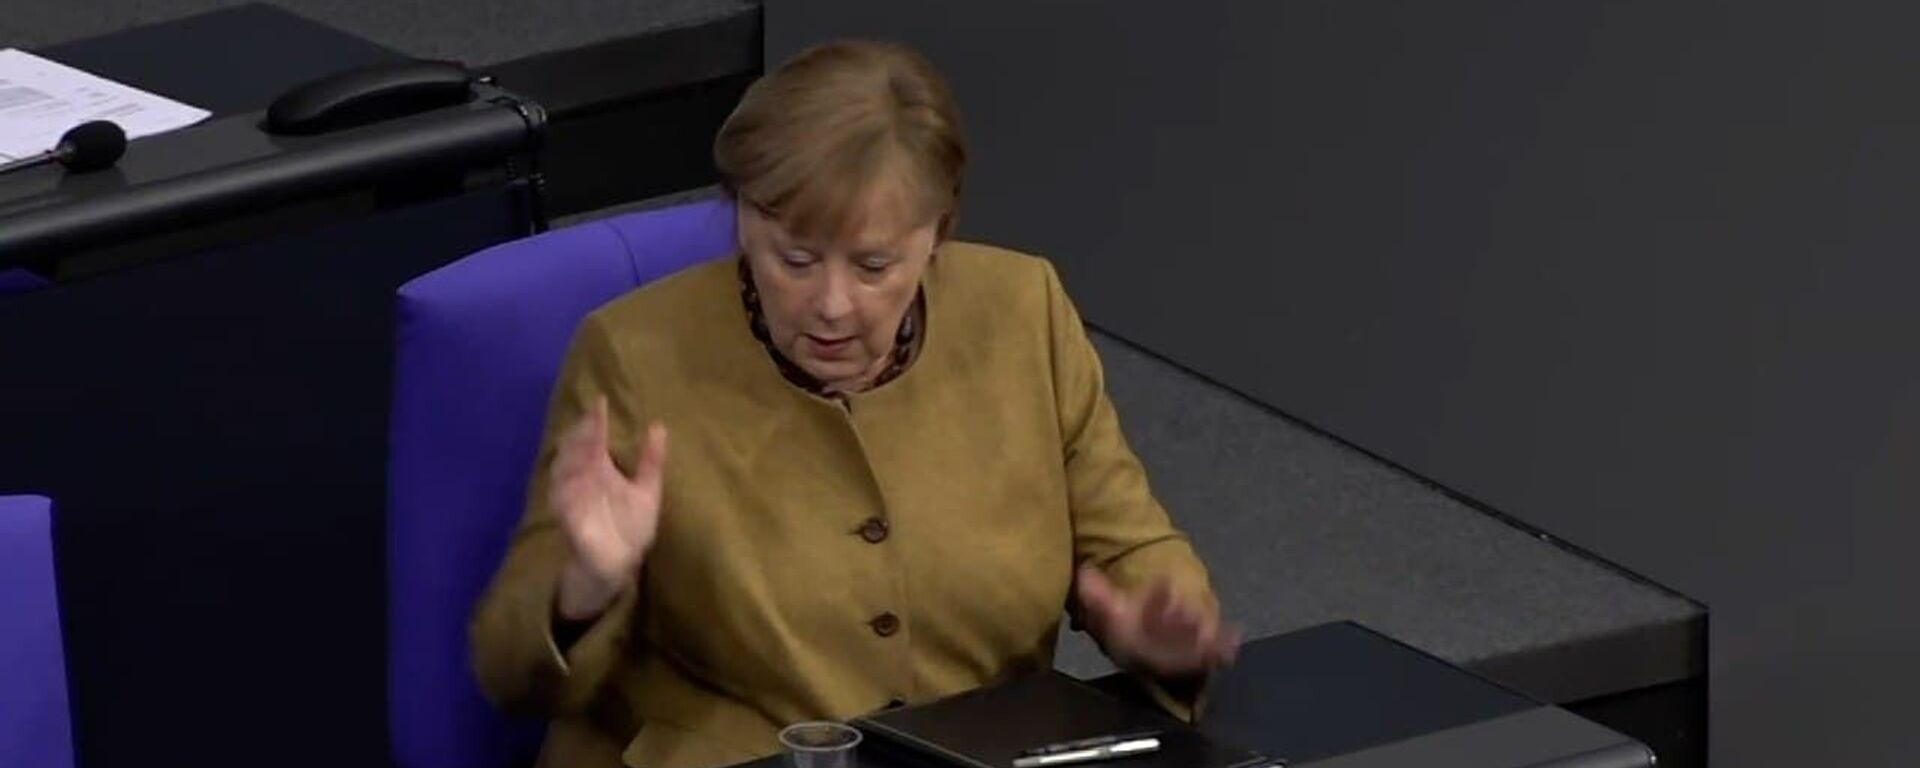 Меркель забыла надеть маску: ее реакция на конфуз стала вирусной - видео - Sputnik Узбекистан, 1920, 19.02.2021